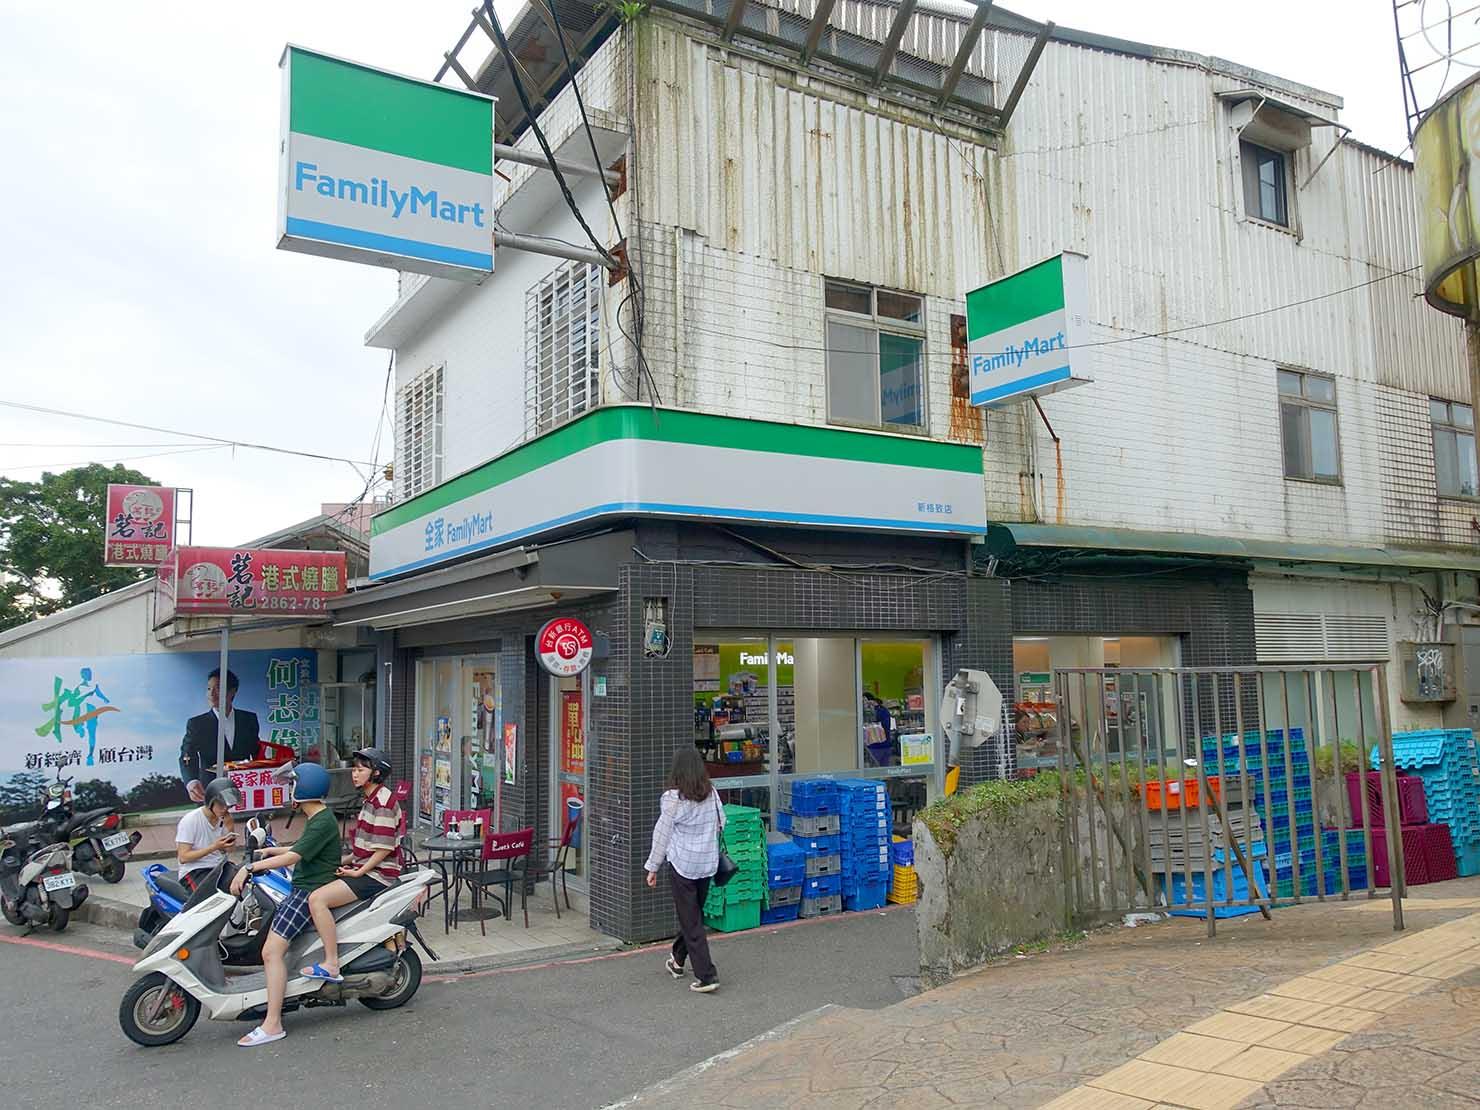 台北・陽明山のレストラン「草山夜未眠」へのアクセス(格致路55巷のファミリーマート)